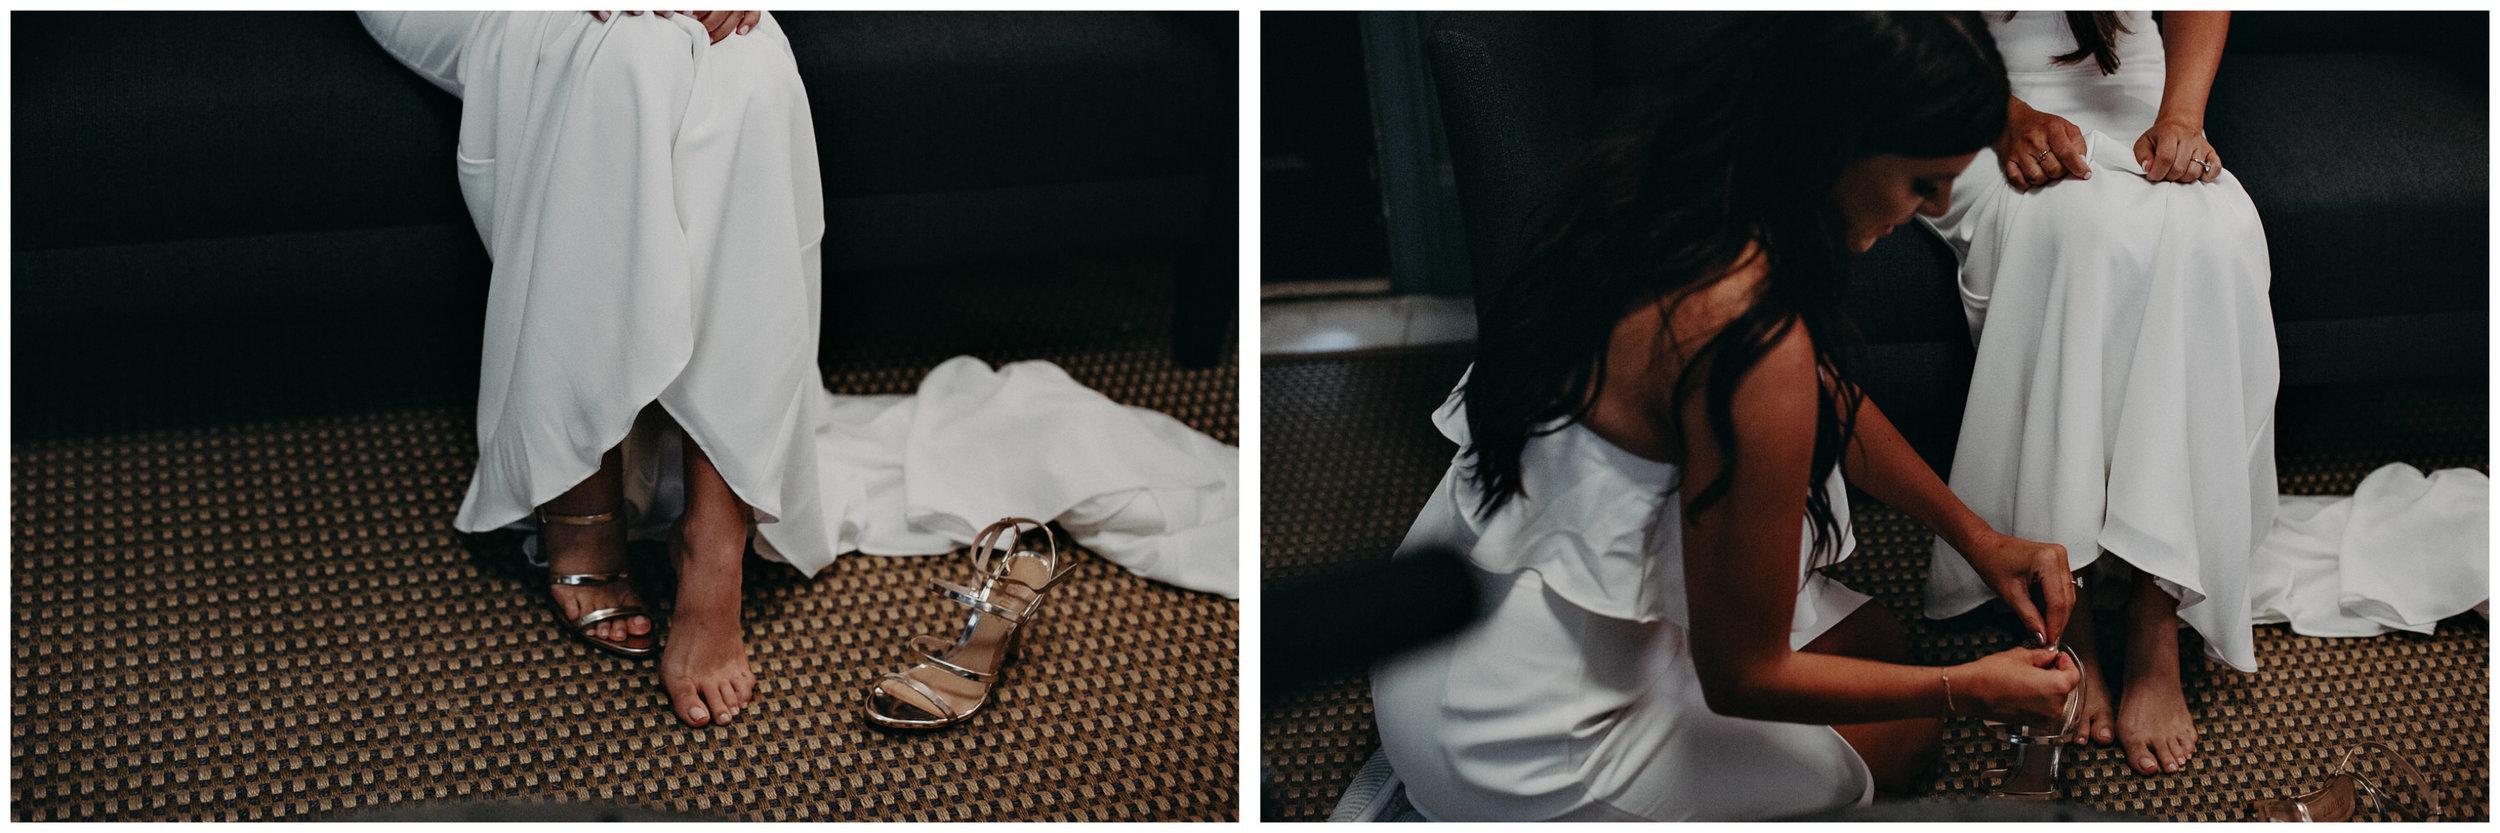 26 - wedding dress - bride getting ready wedding seranbi farms atlanta .jpg